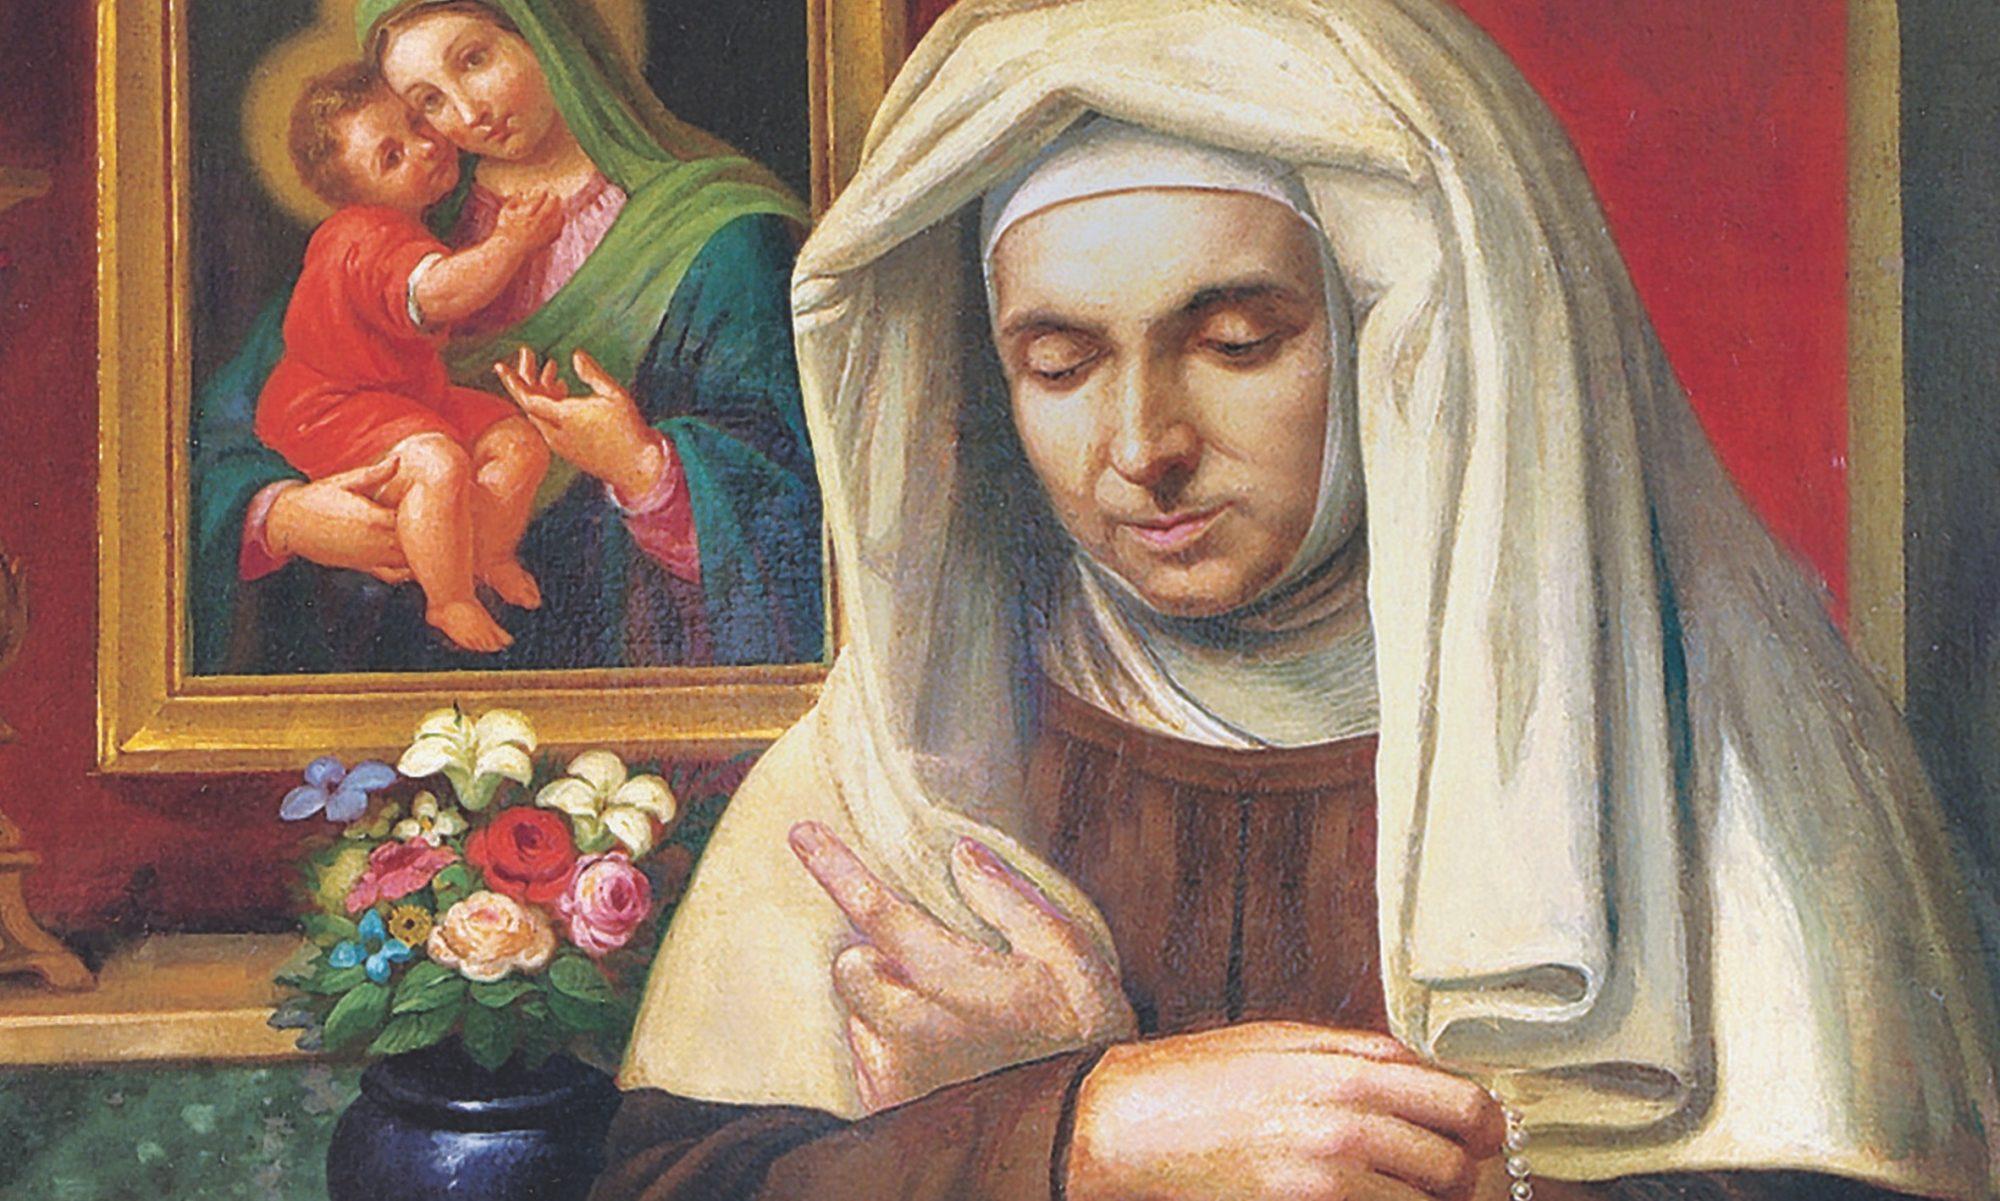 Elisabetta Sanna life story